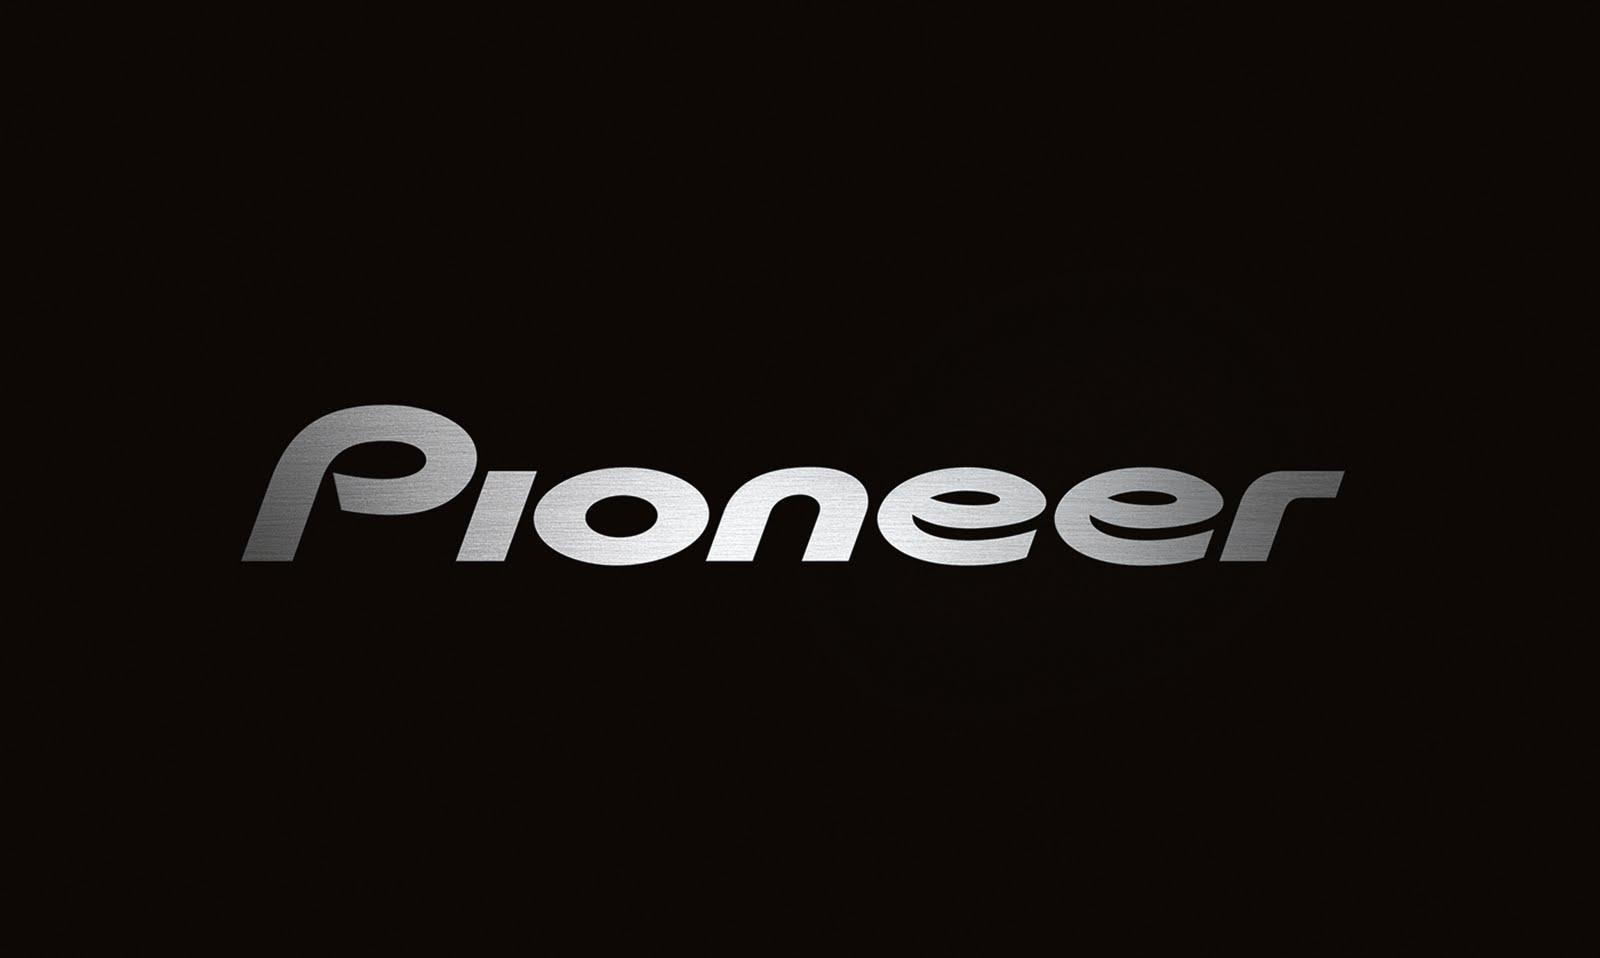 http://4.bp.blogspot.com/_UX-afaVH11Q/S97QnWSuf8I/AAAAAAAAAO0/PJEu3a_oxSI/s1600/Pioneer_Logo_Kuro.jpg